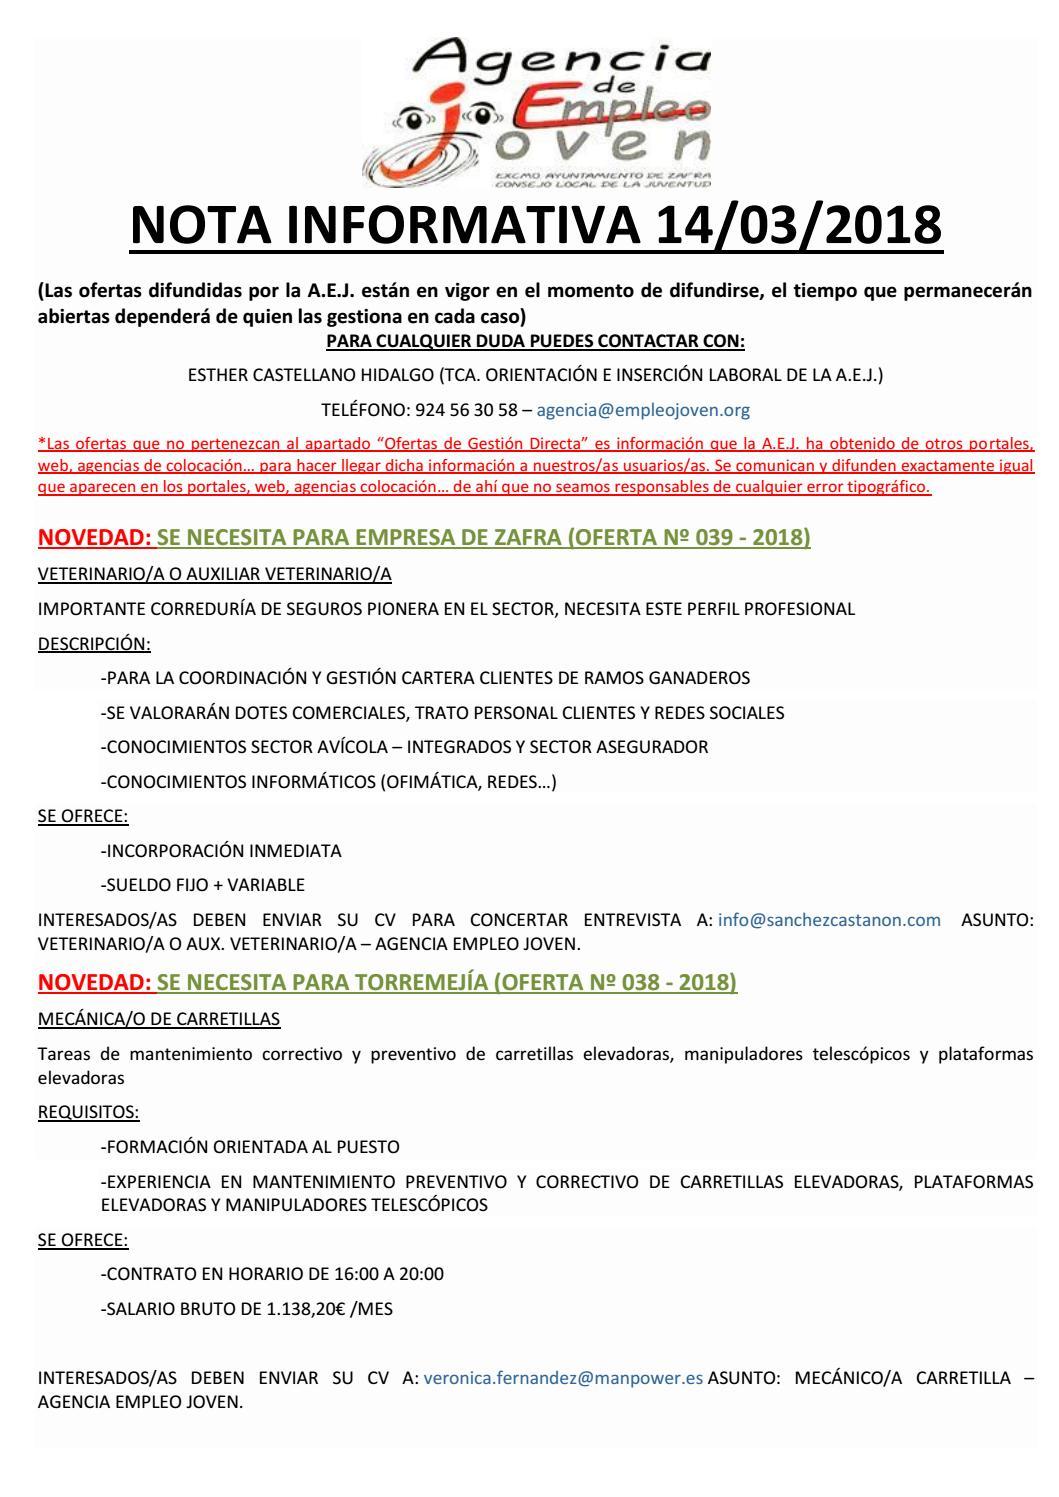 Nota informativa 14/03/18 by Segura De León - issuu